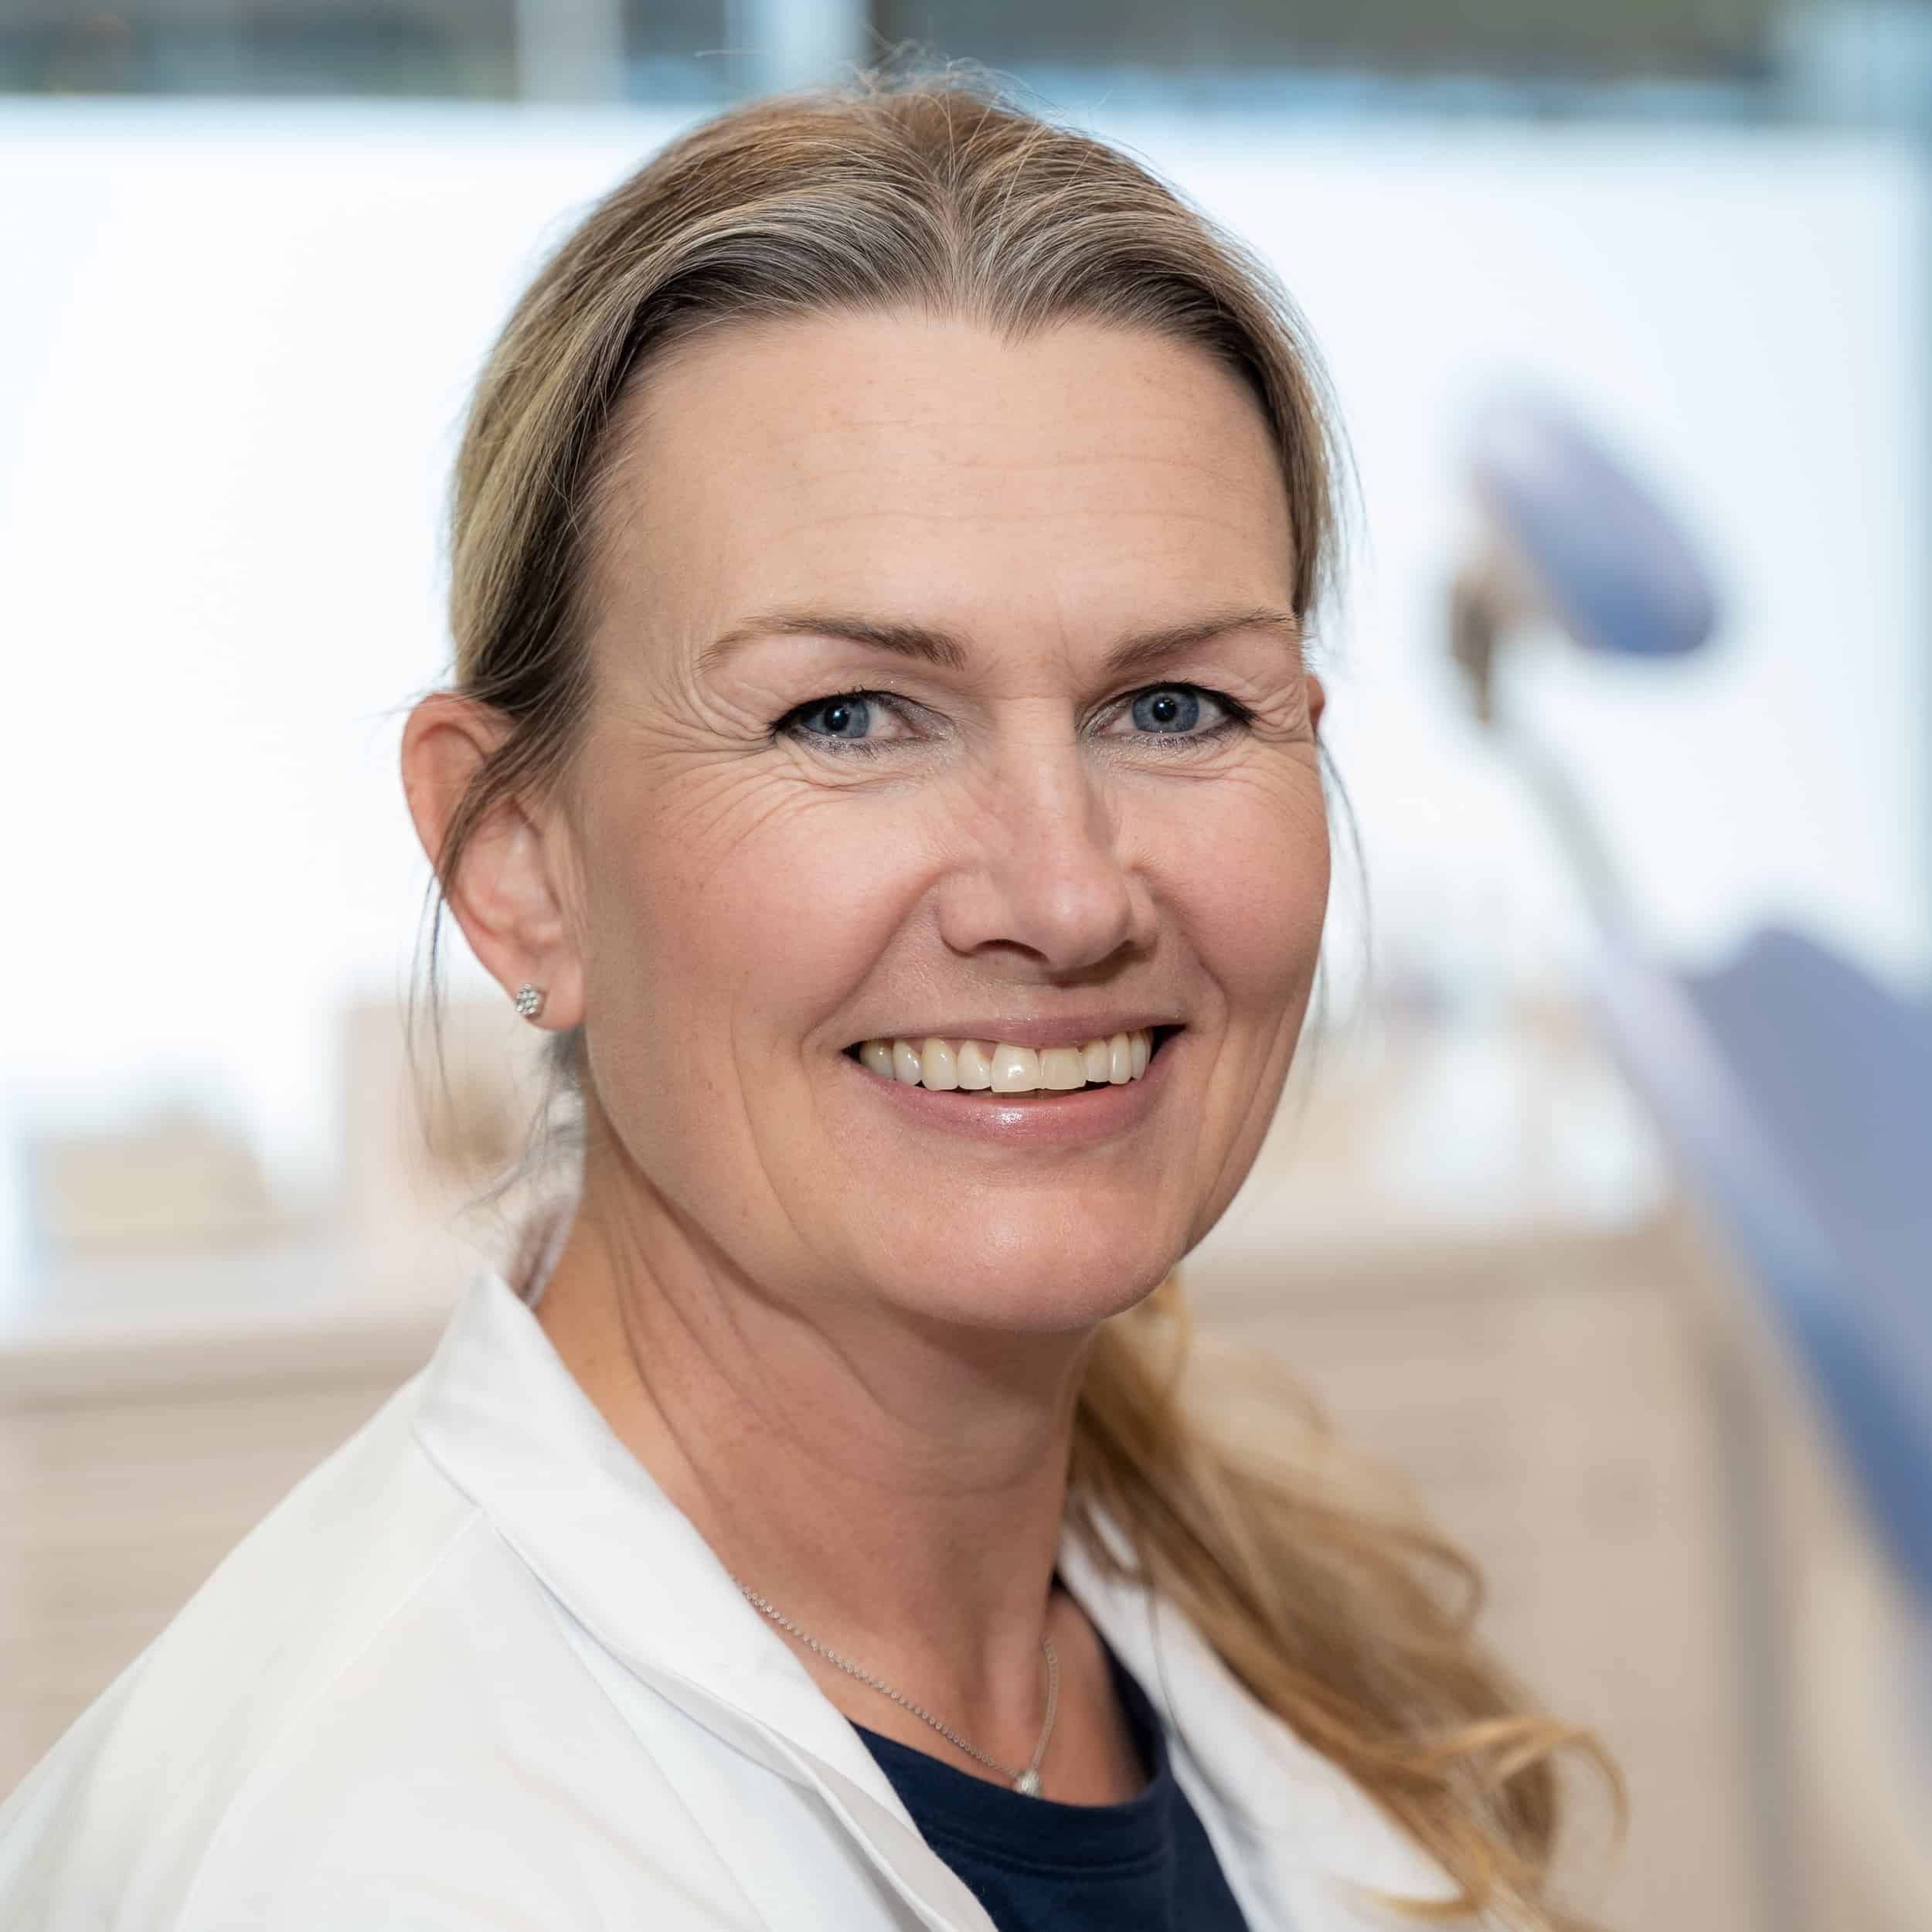 Anestesilege Kristine Gudim